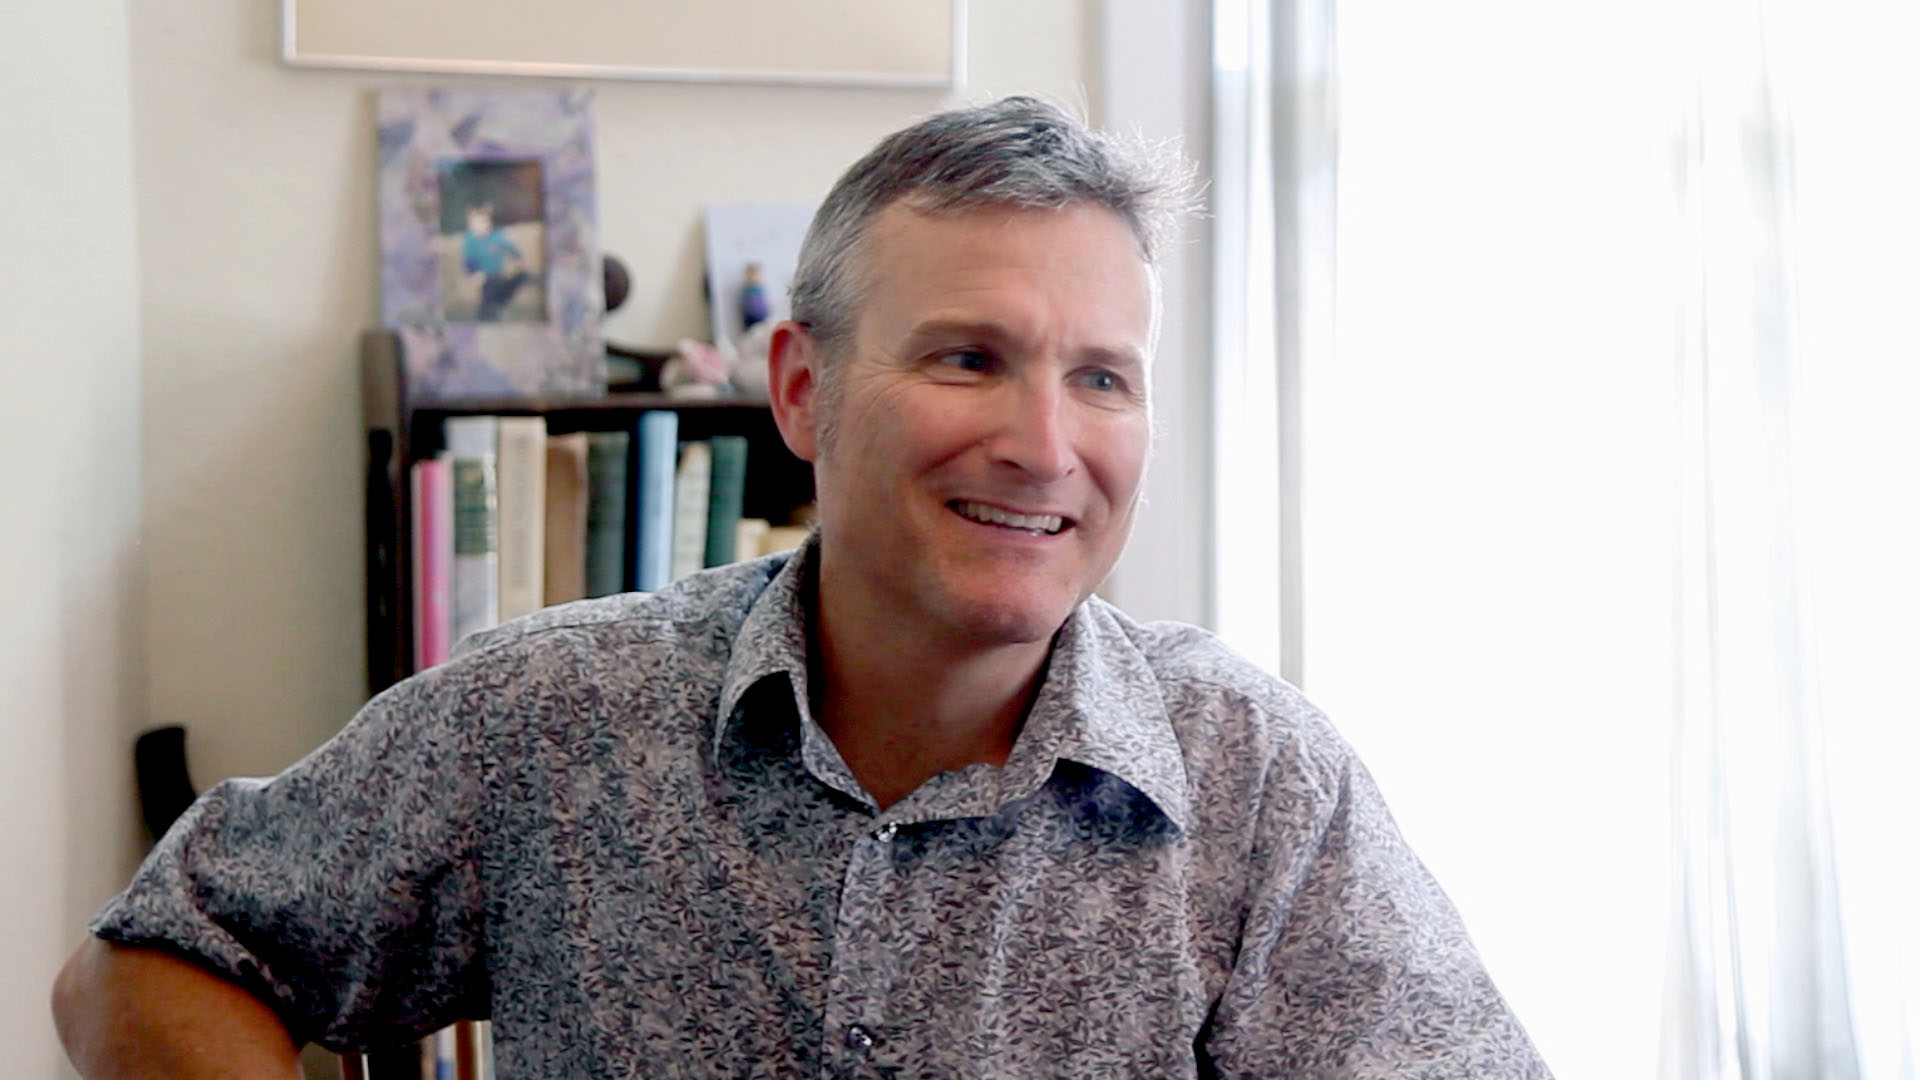 Karl Fleischman